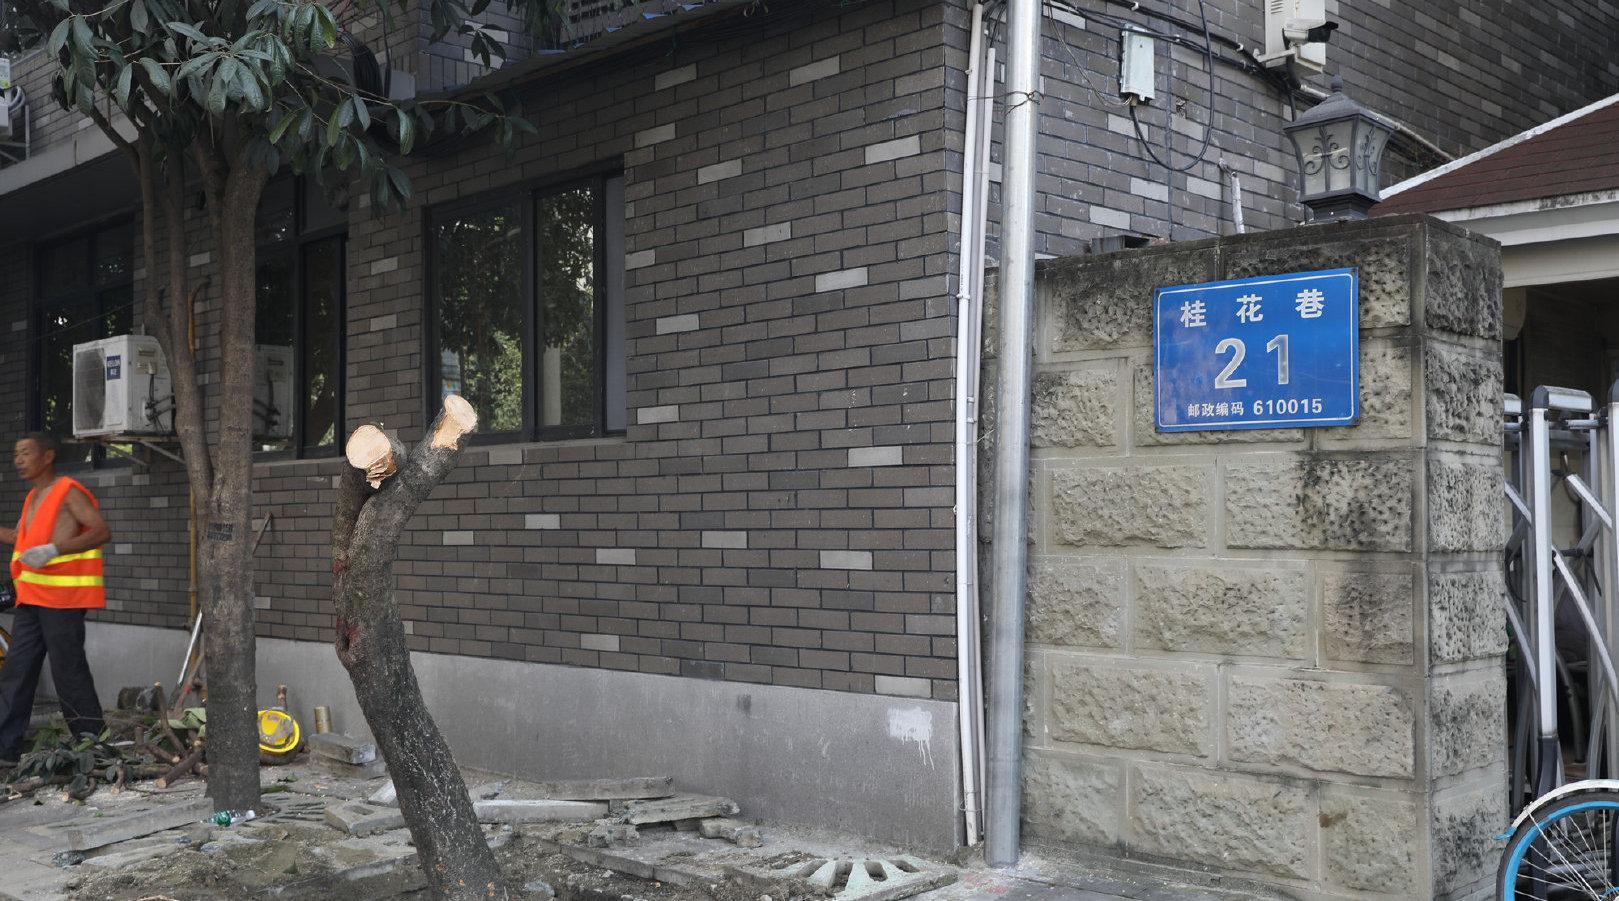 成都桂花巷桂花树被砍光  街道办回应:本打算移走的是少数香樟树